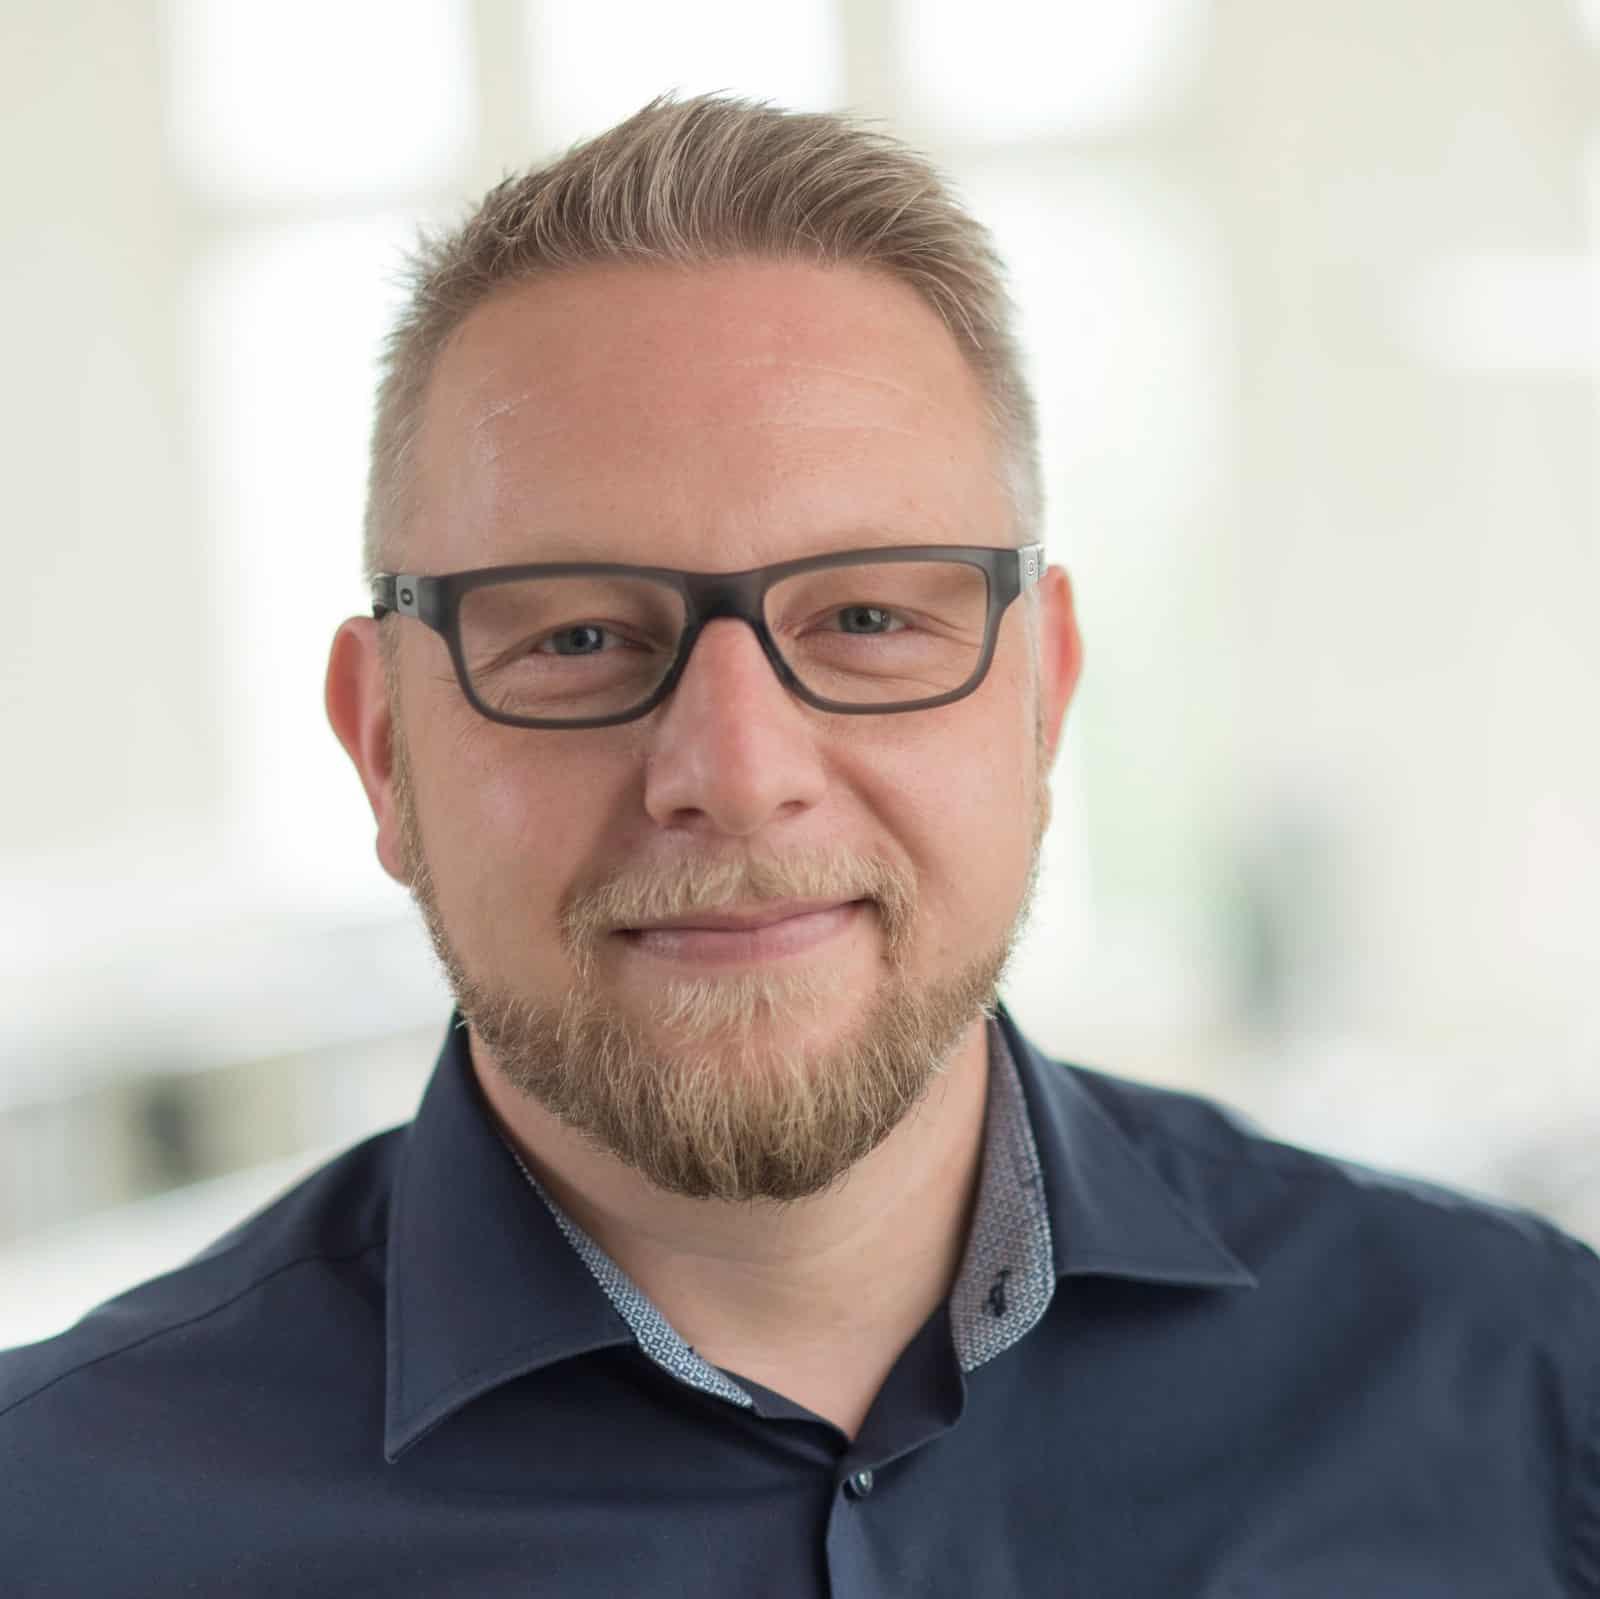 Markus Nerge